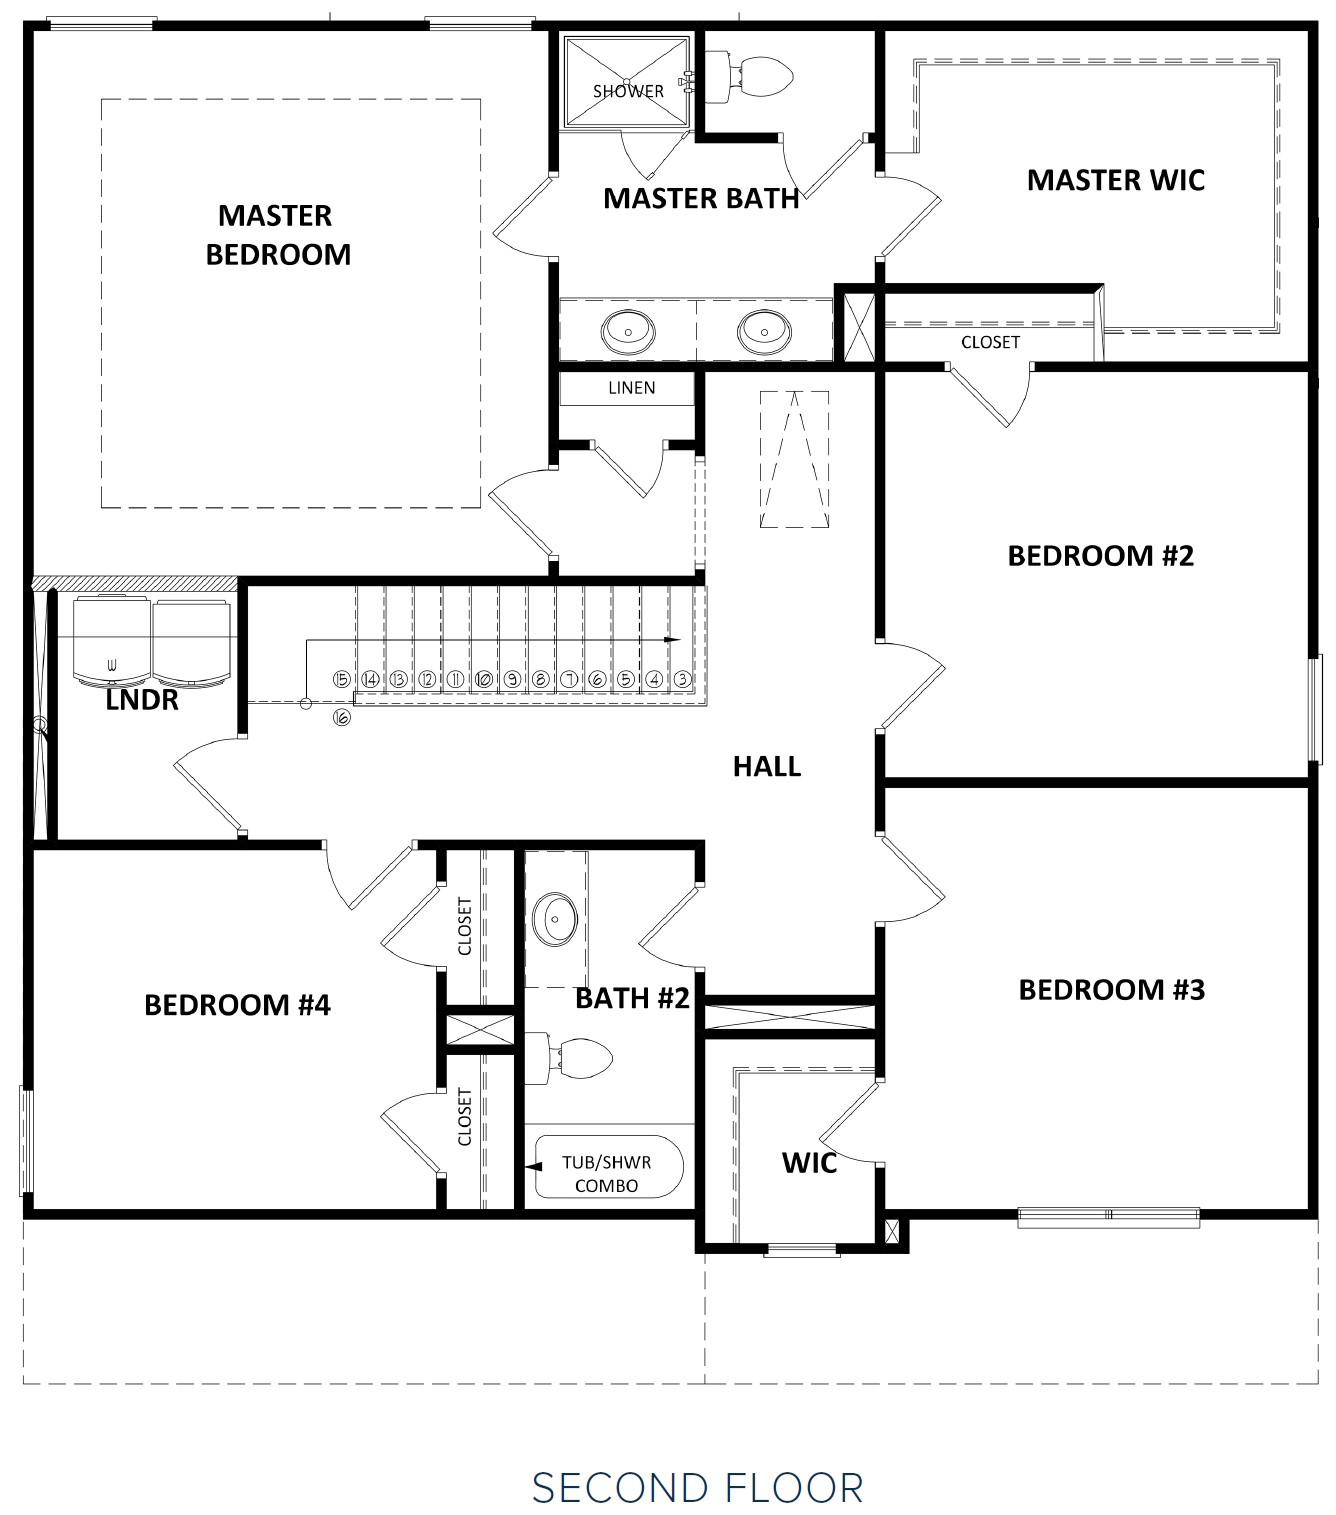 Second Floor at Hunts Mill Estates